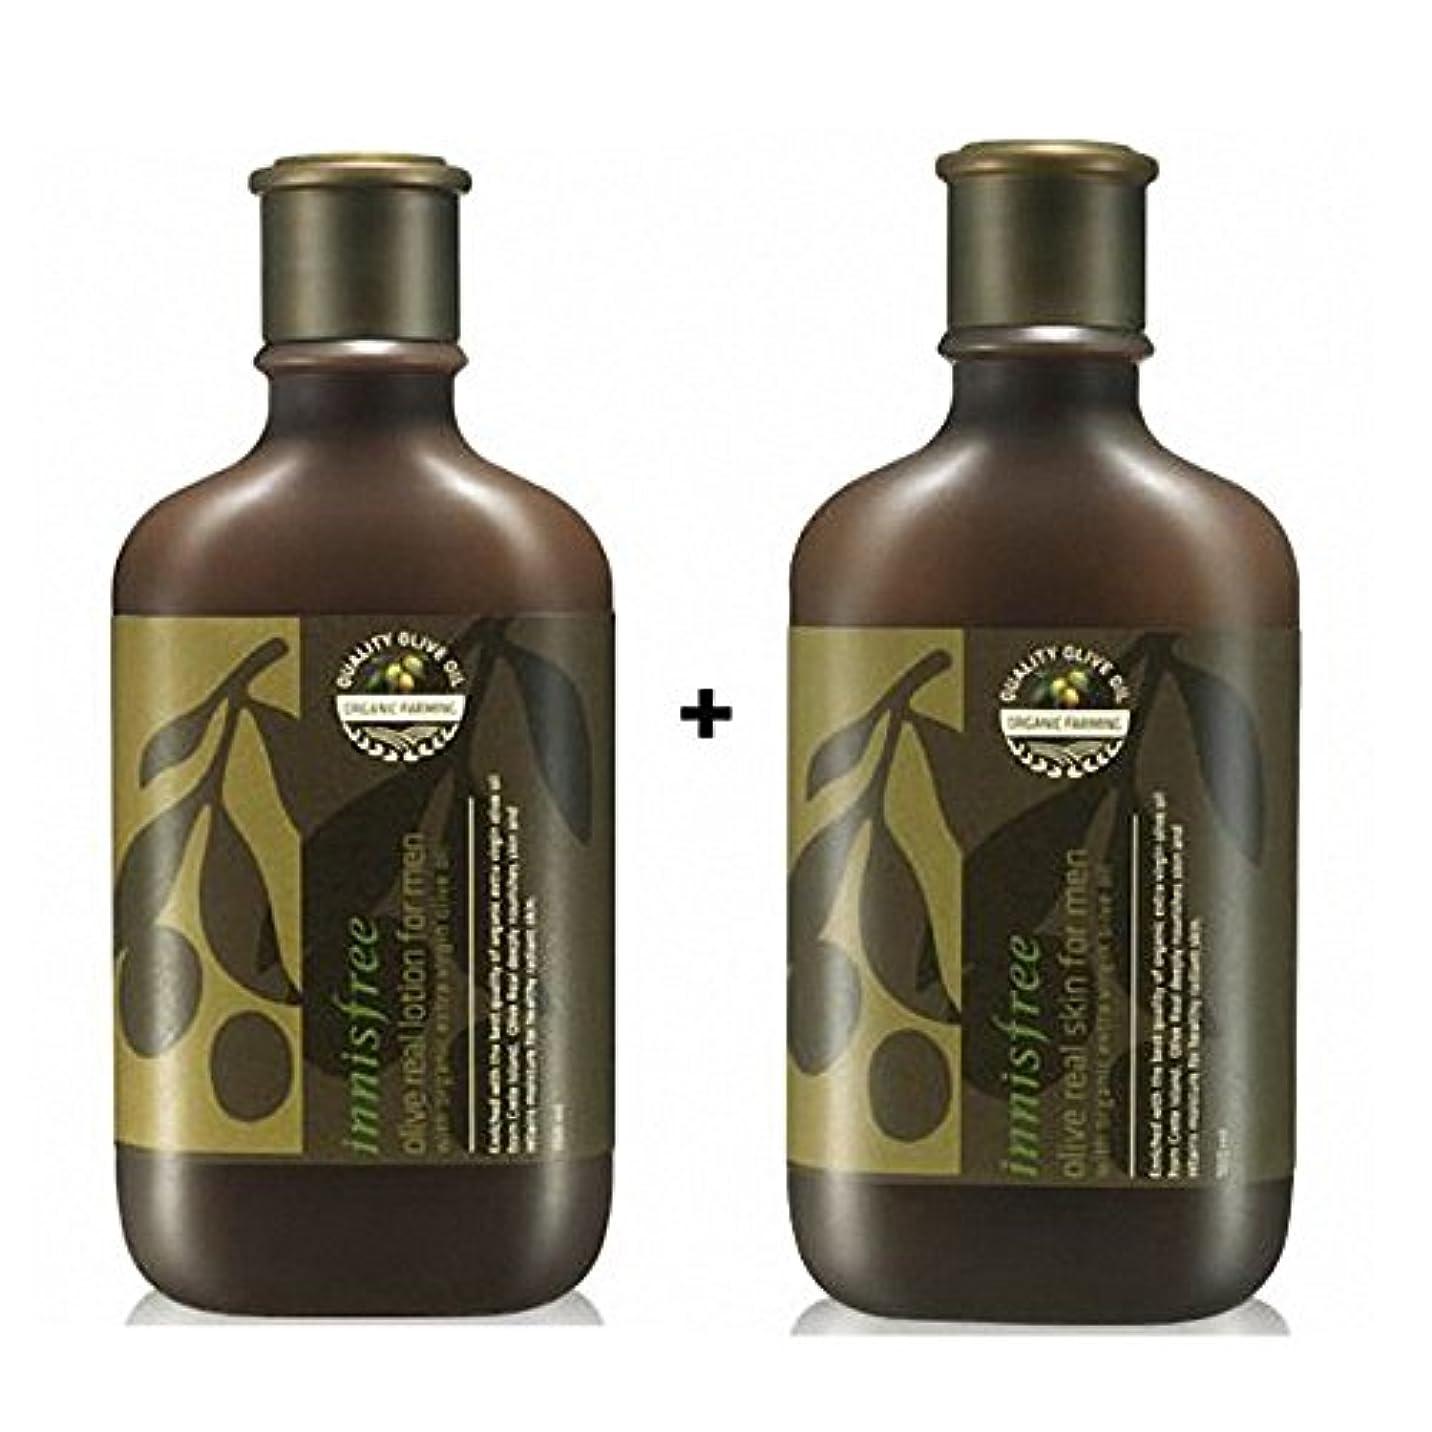 手当今までトランジスタ[イニスフリー] Innisfree オリーブリアルローション.スキンフォアマンセット(150ml+150ml) Innisfree Olive Real Lotion.Skin Set  For Men(150ml+150ml...